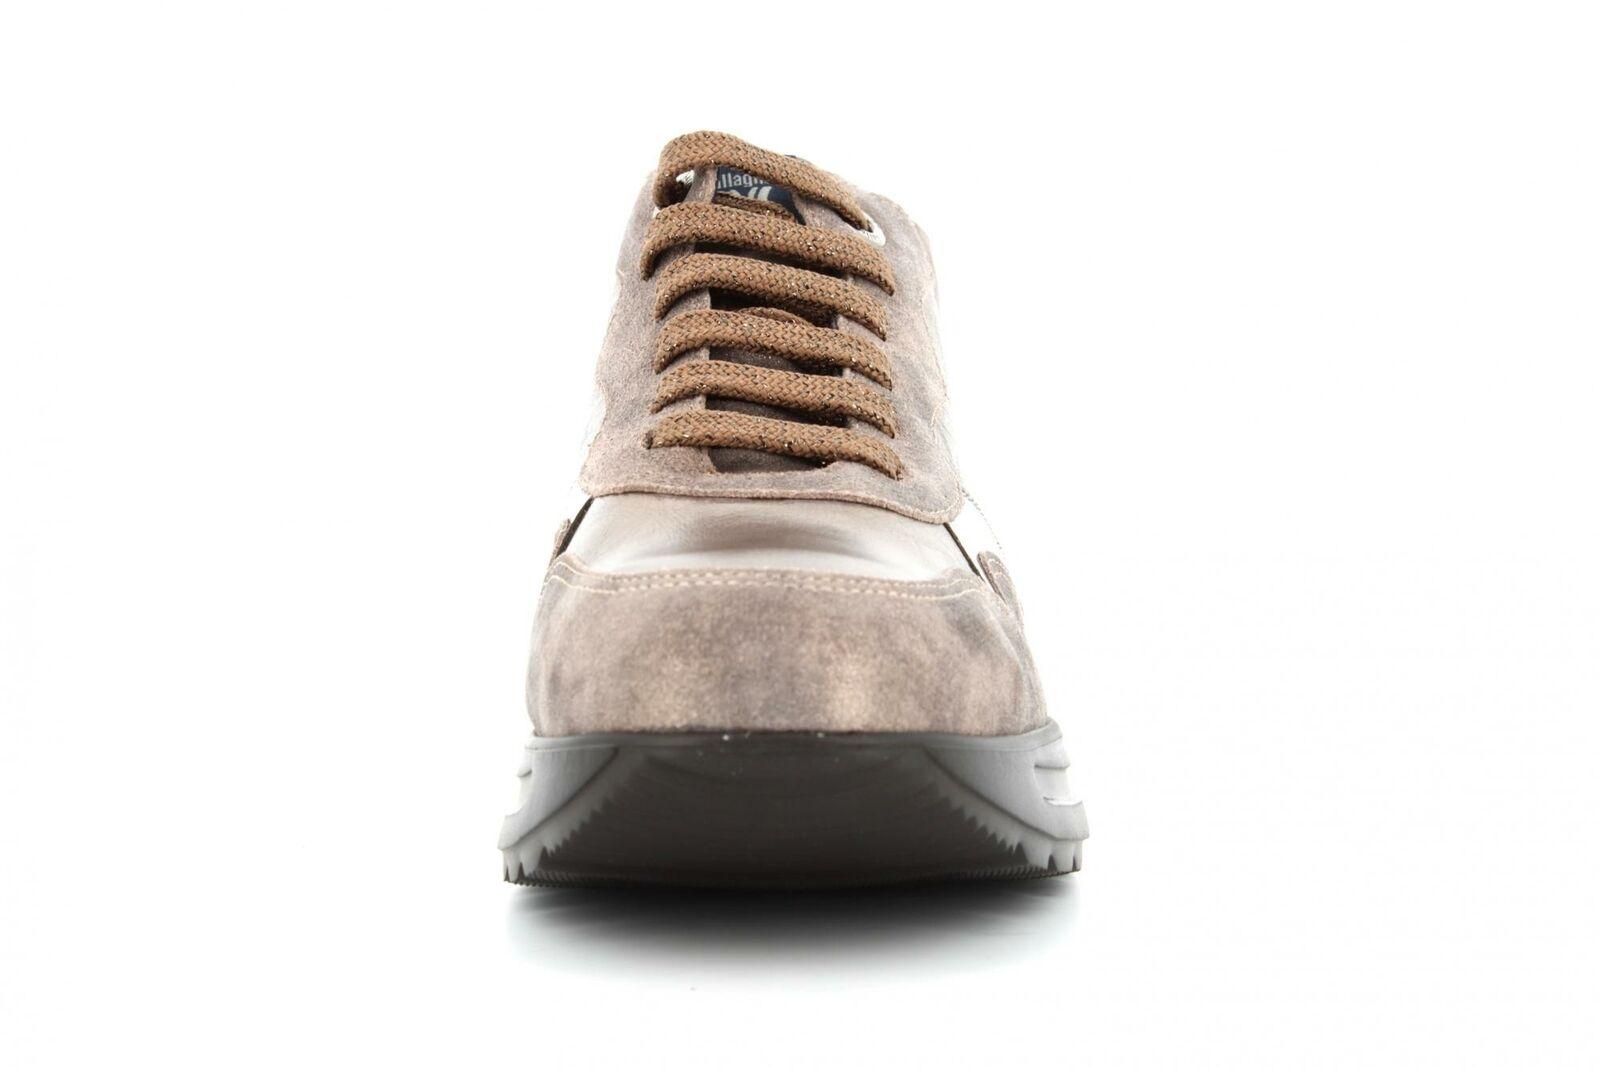 Callaghan a20g Chaussures Femmes Haute Chaussures De Sport 40700 bronze